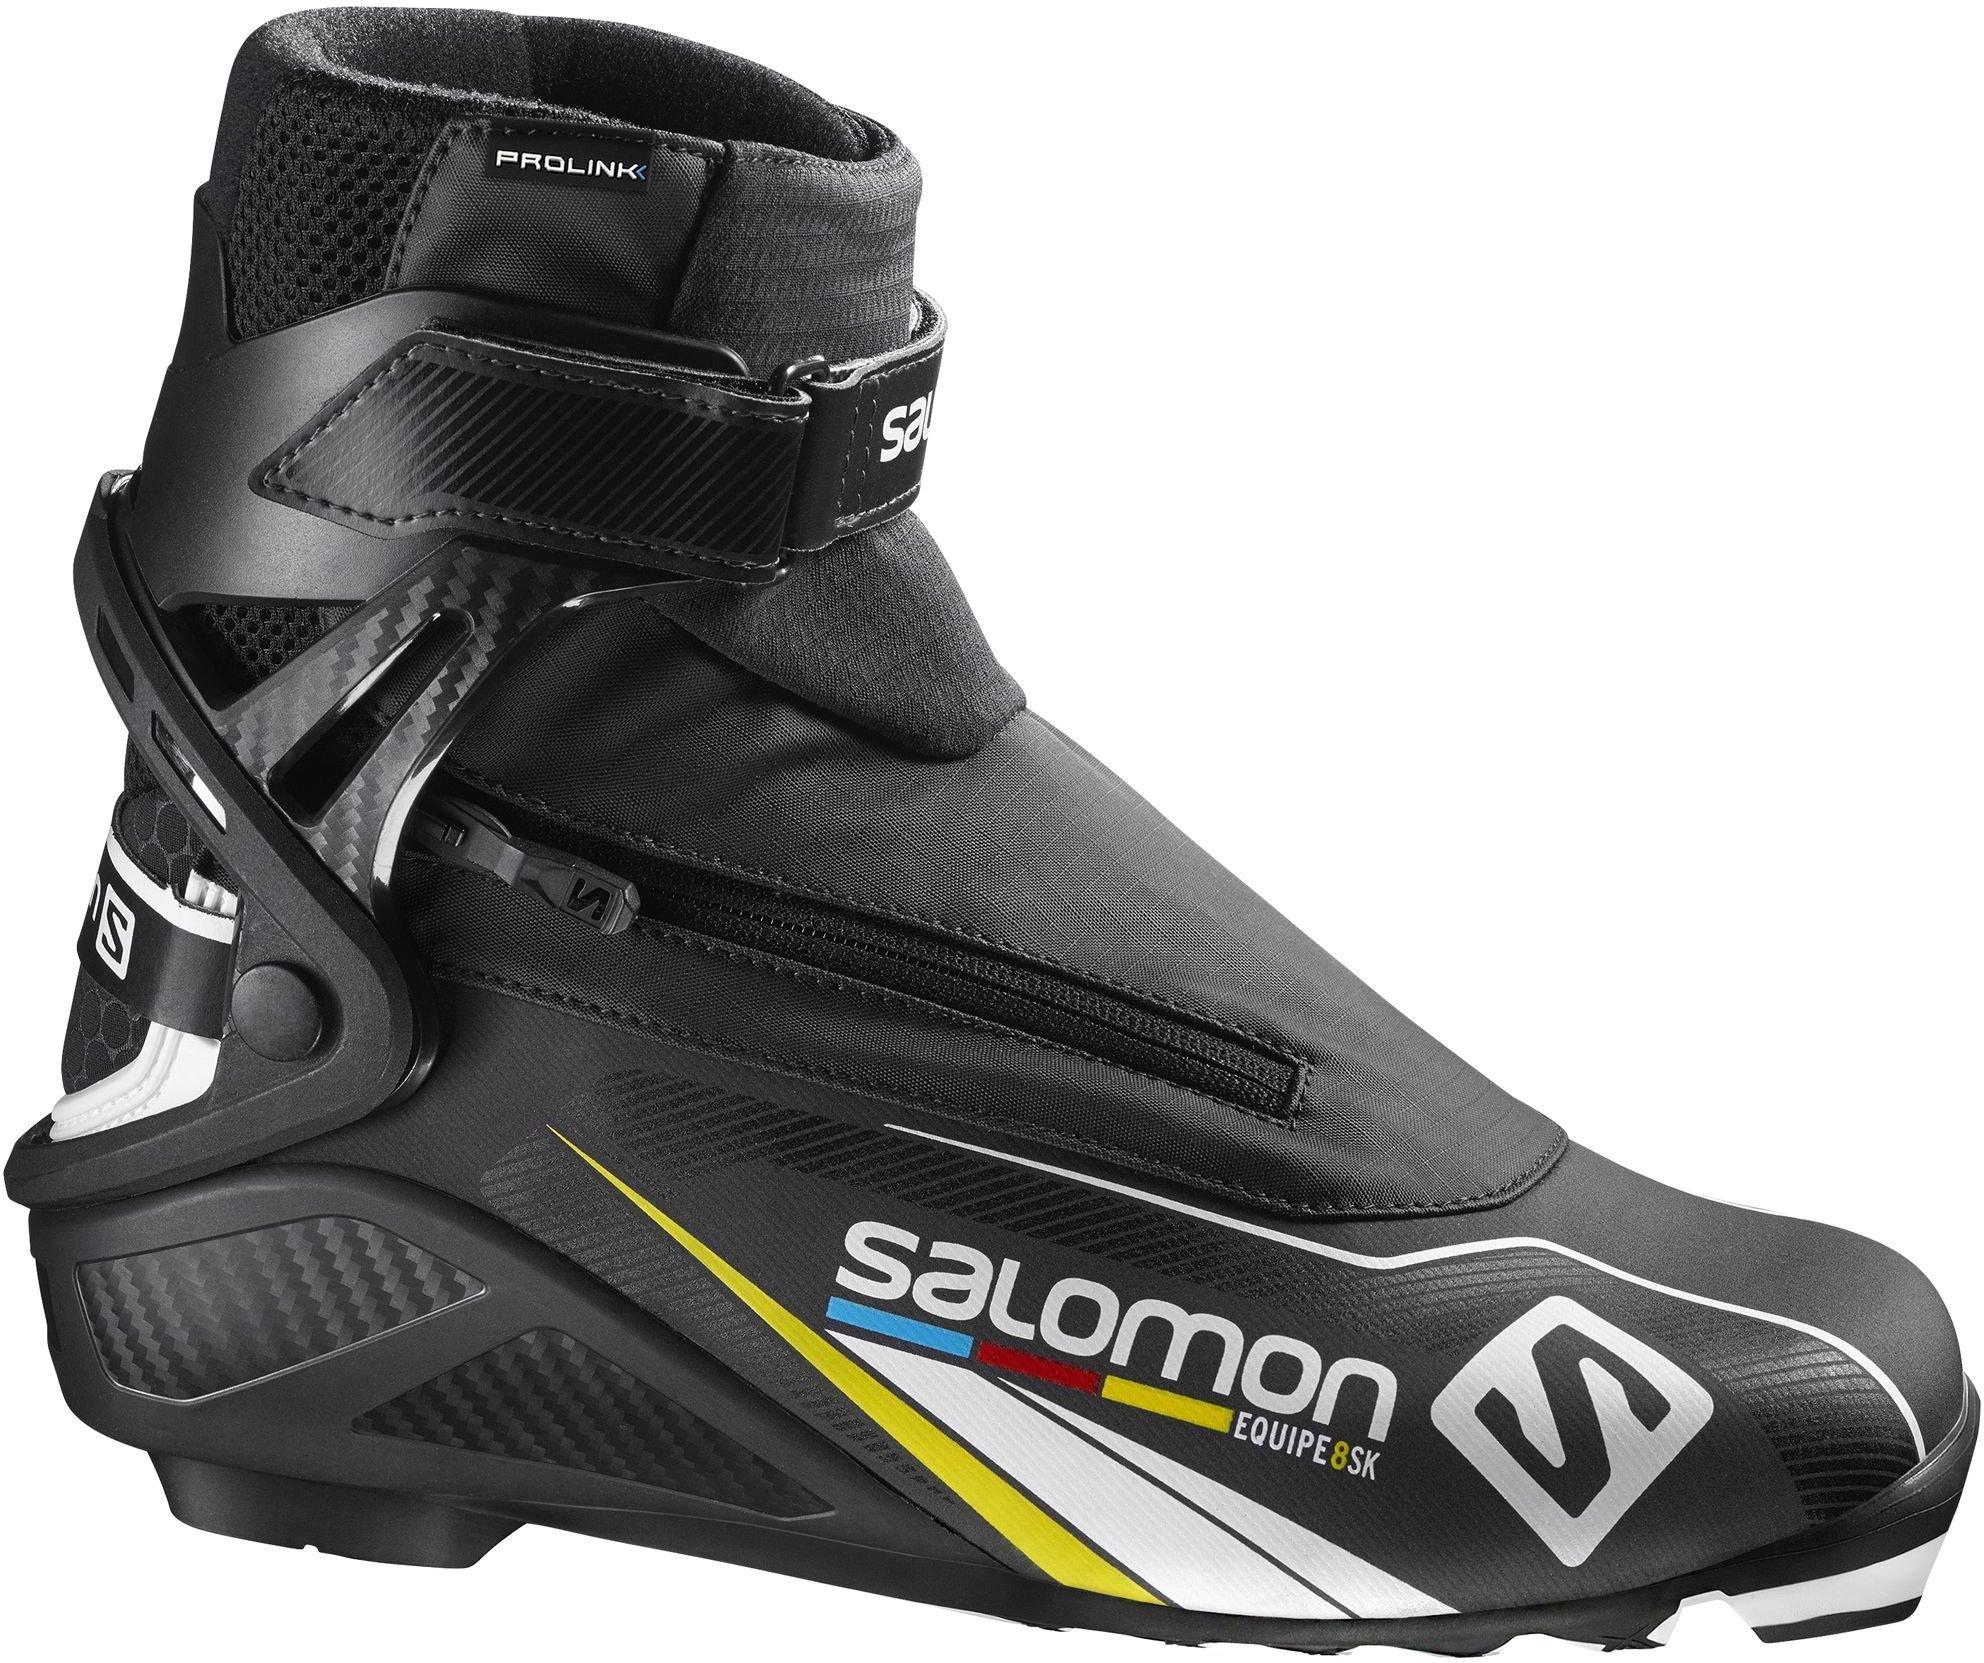 Best pris på Salomon Equipe 8 Skate Prolink Se priser før kjøp